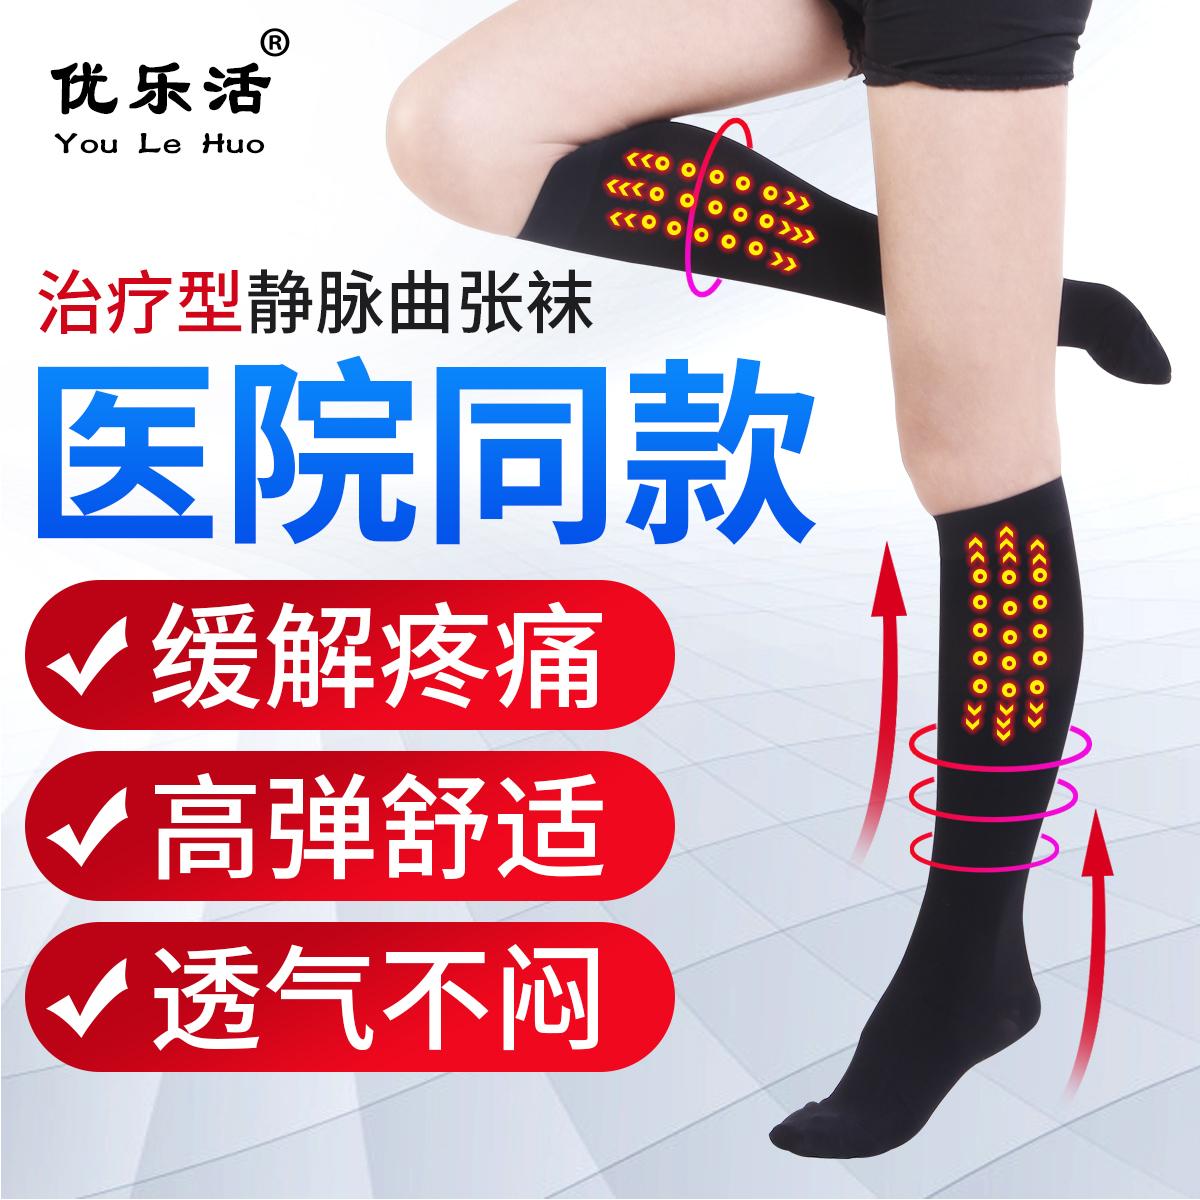 静脉曲张弹力袜夏天薄款男士护士夏季医用治疗型防血栓小腿袜裤袜